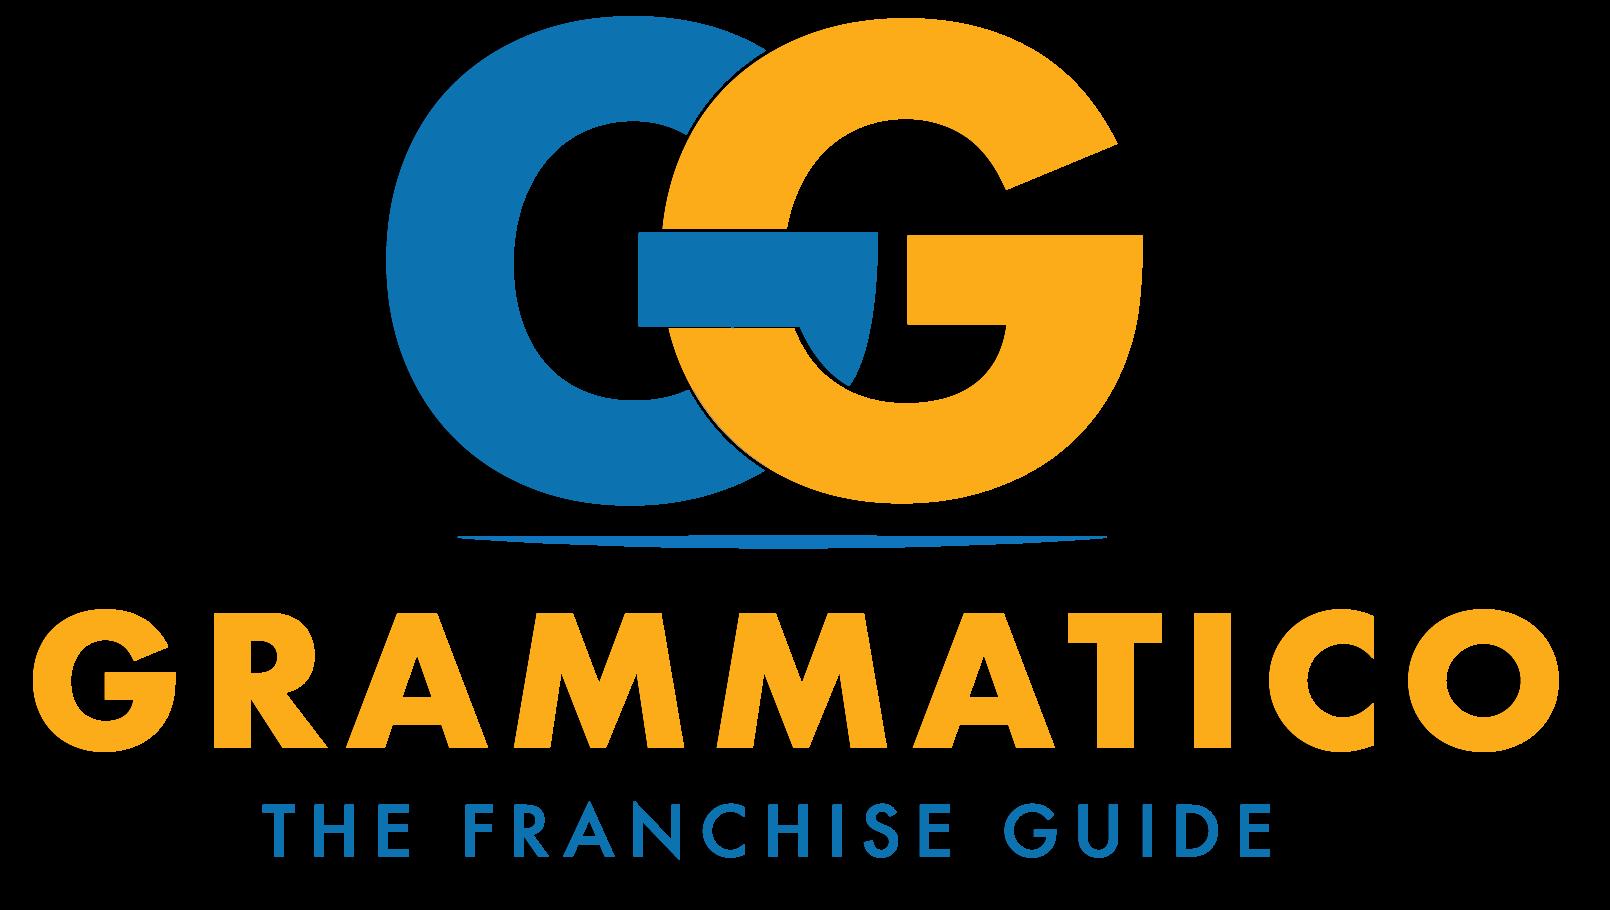 ggthefranchiseguide.com